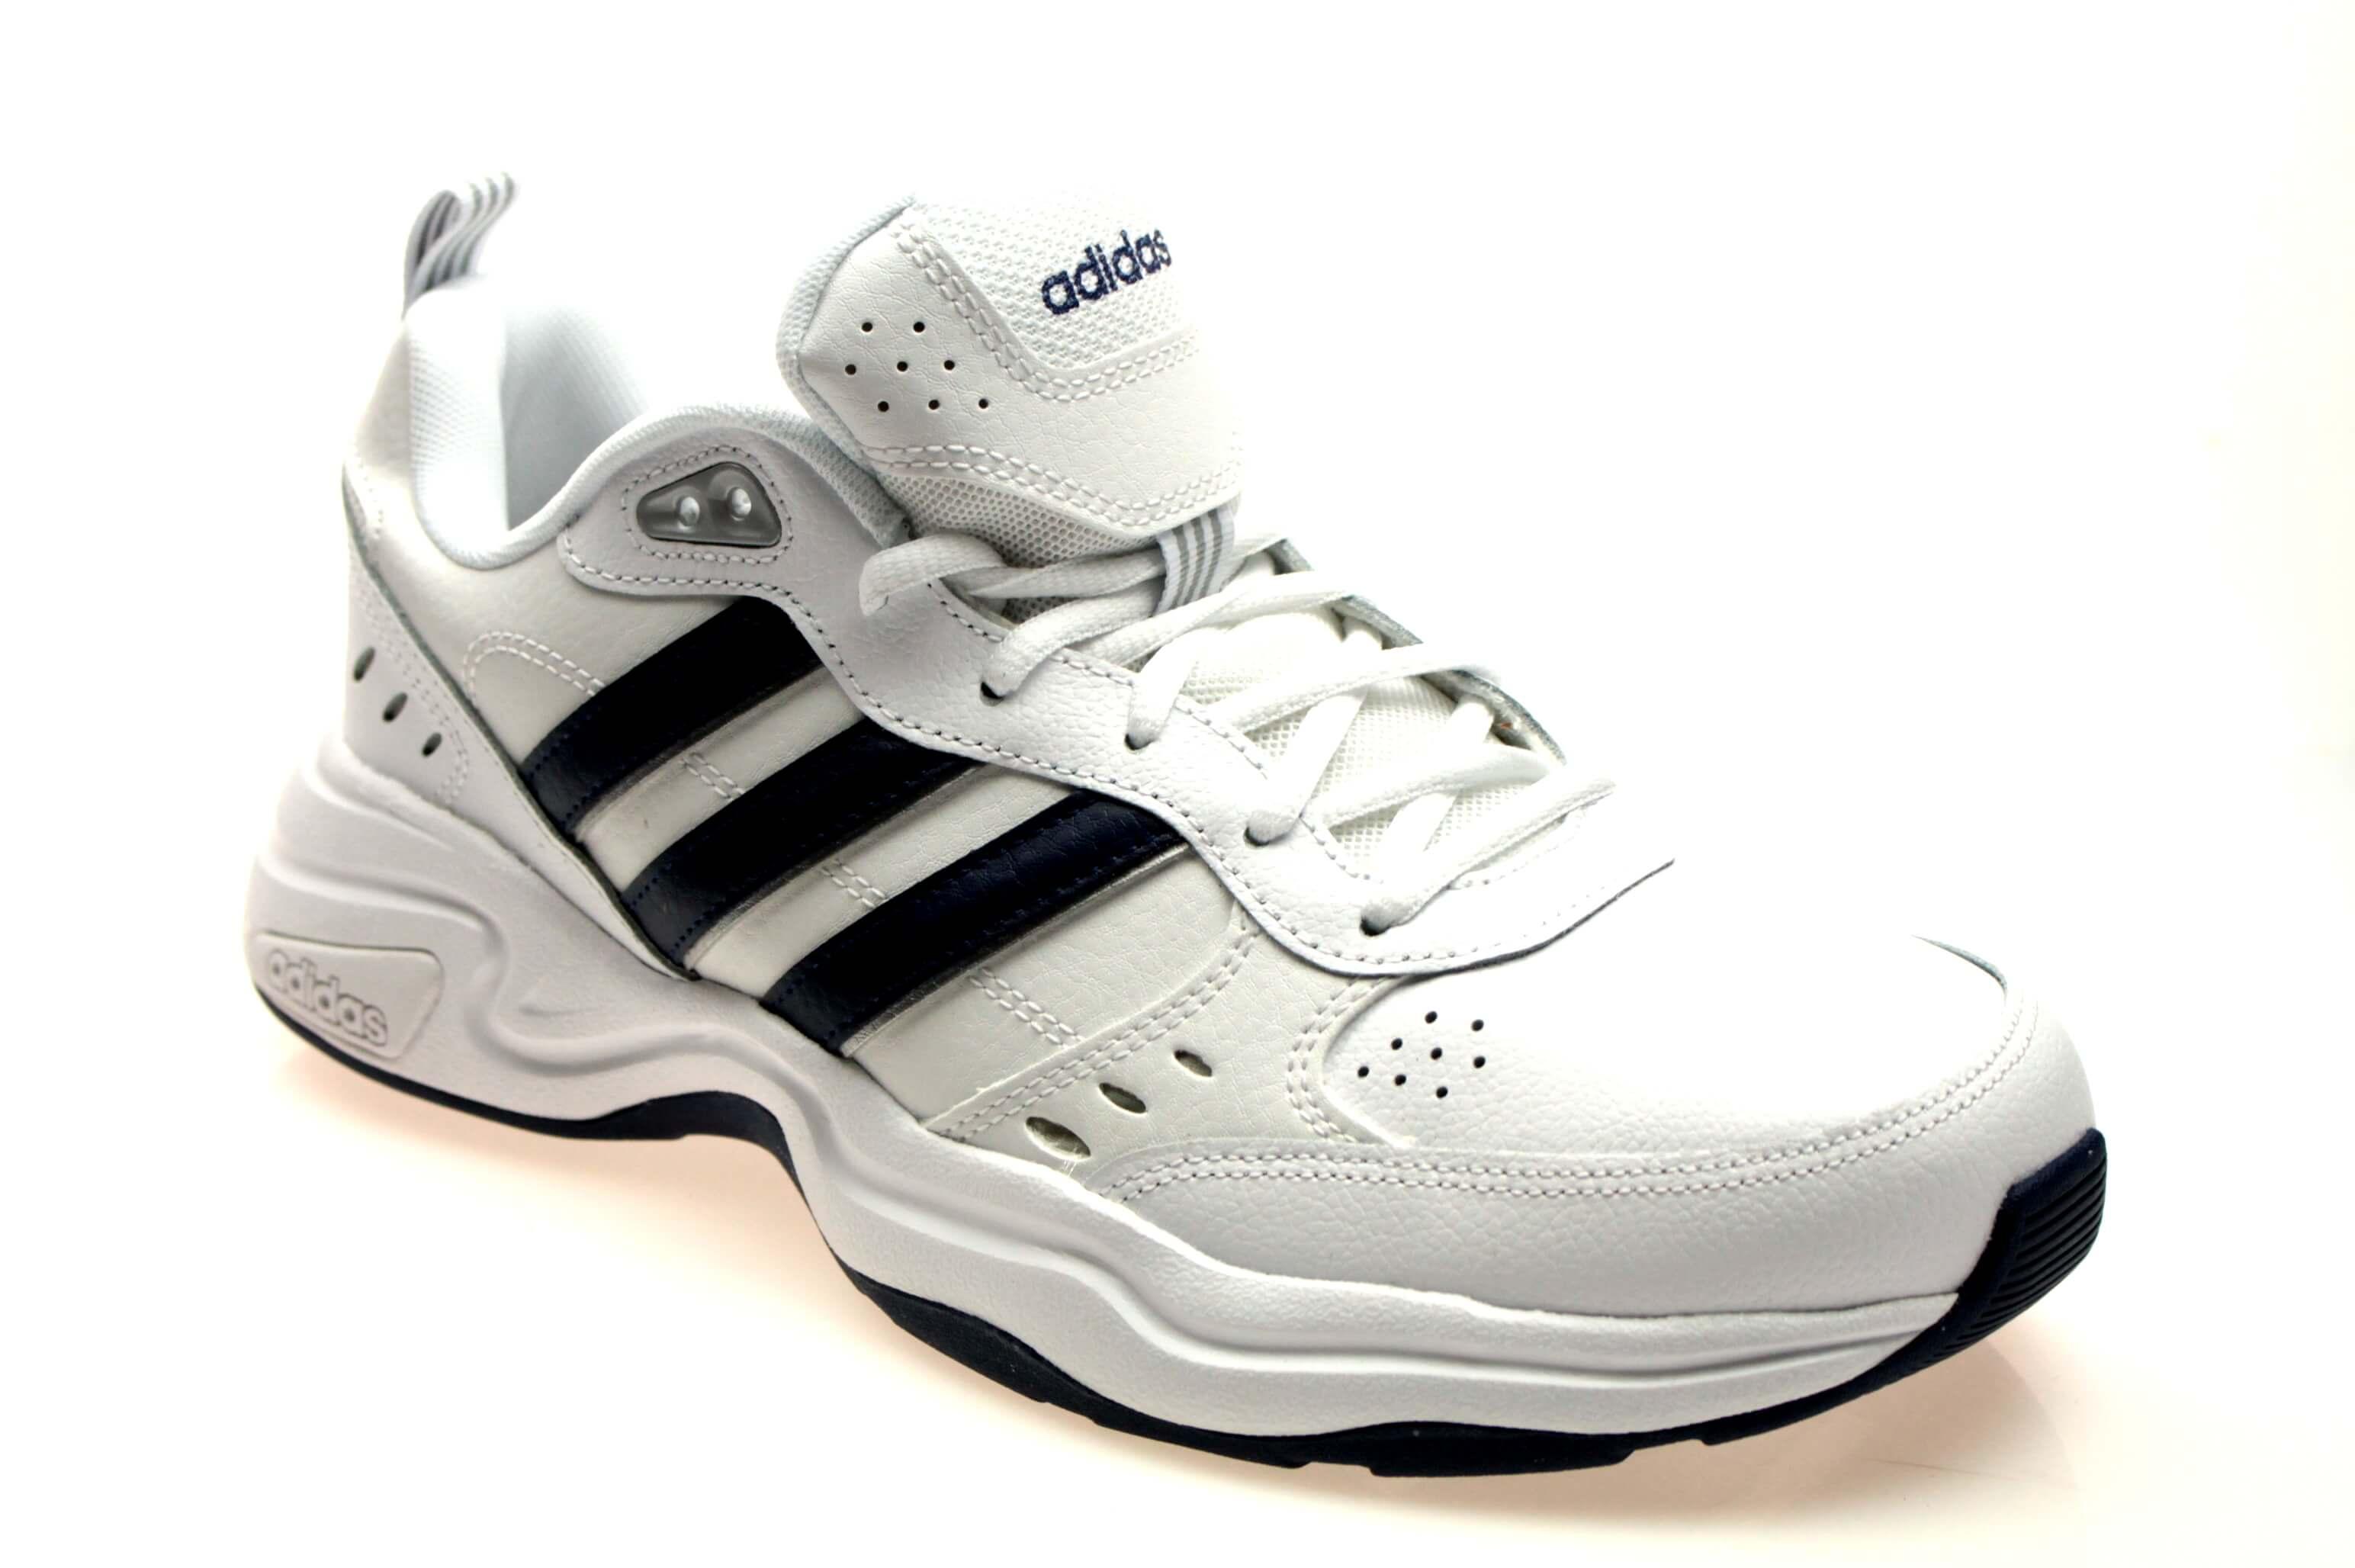 Obuwie Adidas Strutter EG2654 Białe